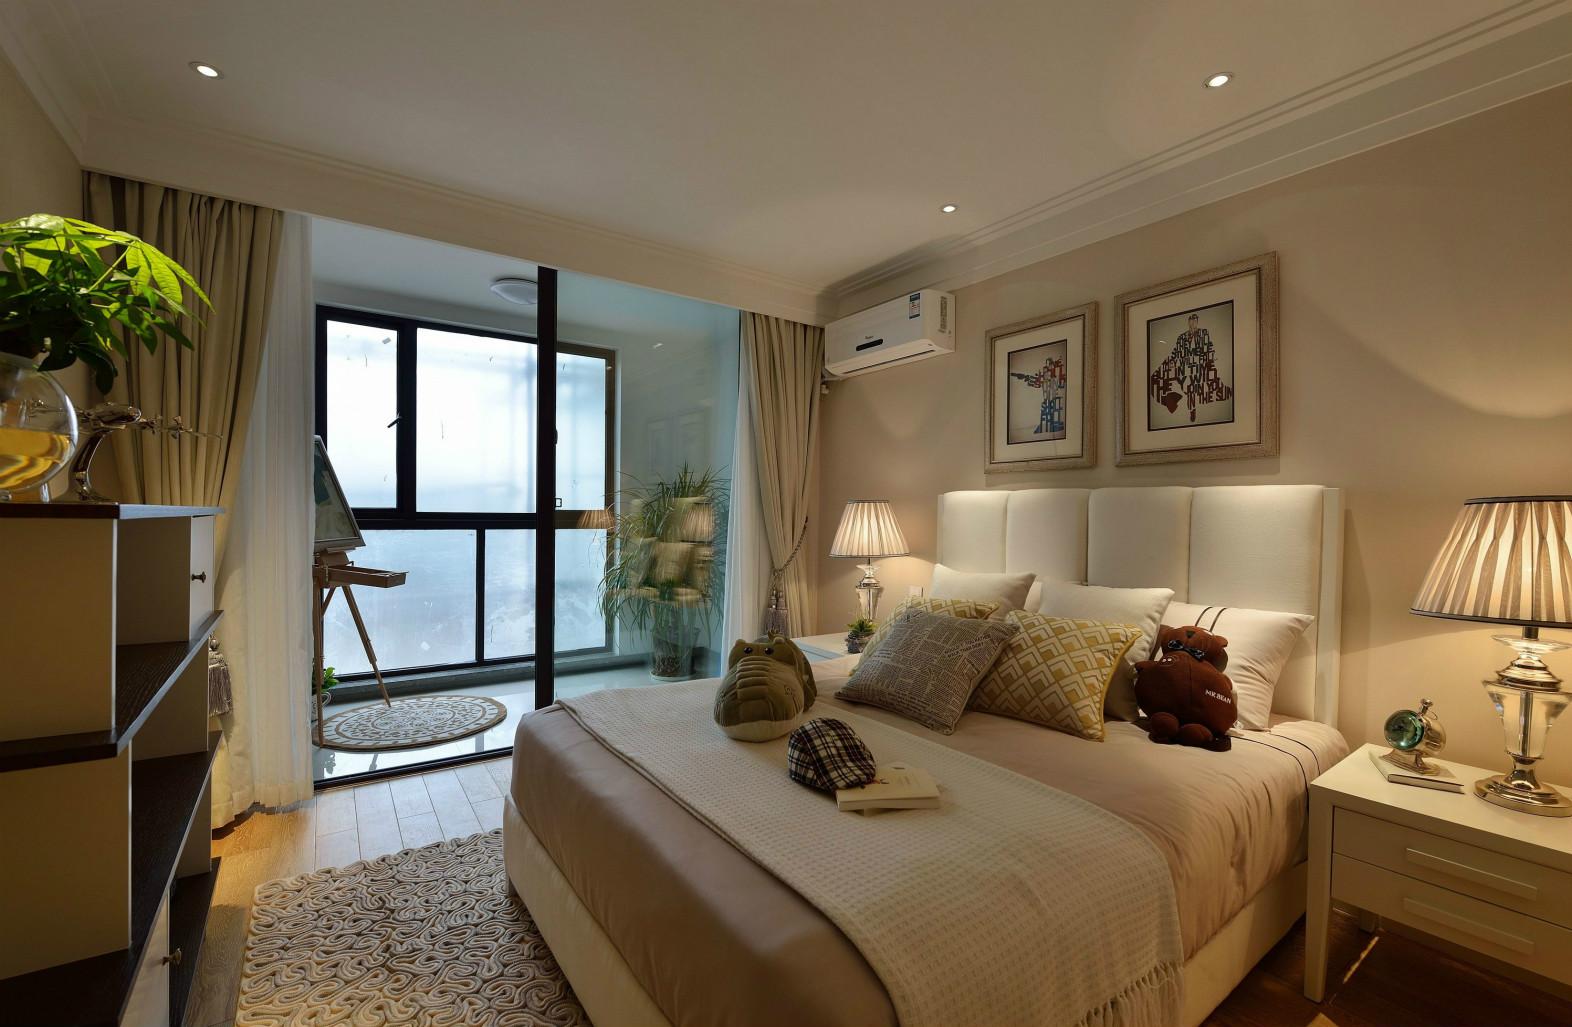 次卧浅色系为主,简单大方,落地窗让阳光充足的射进屋内。